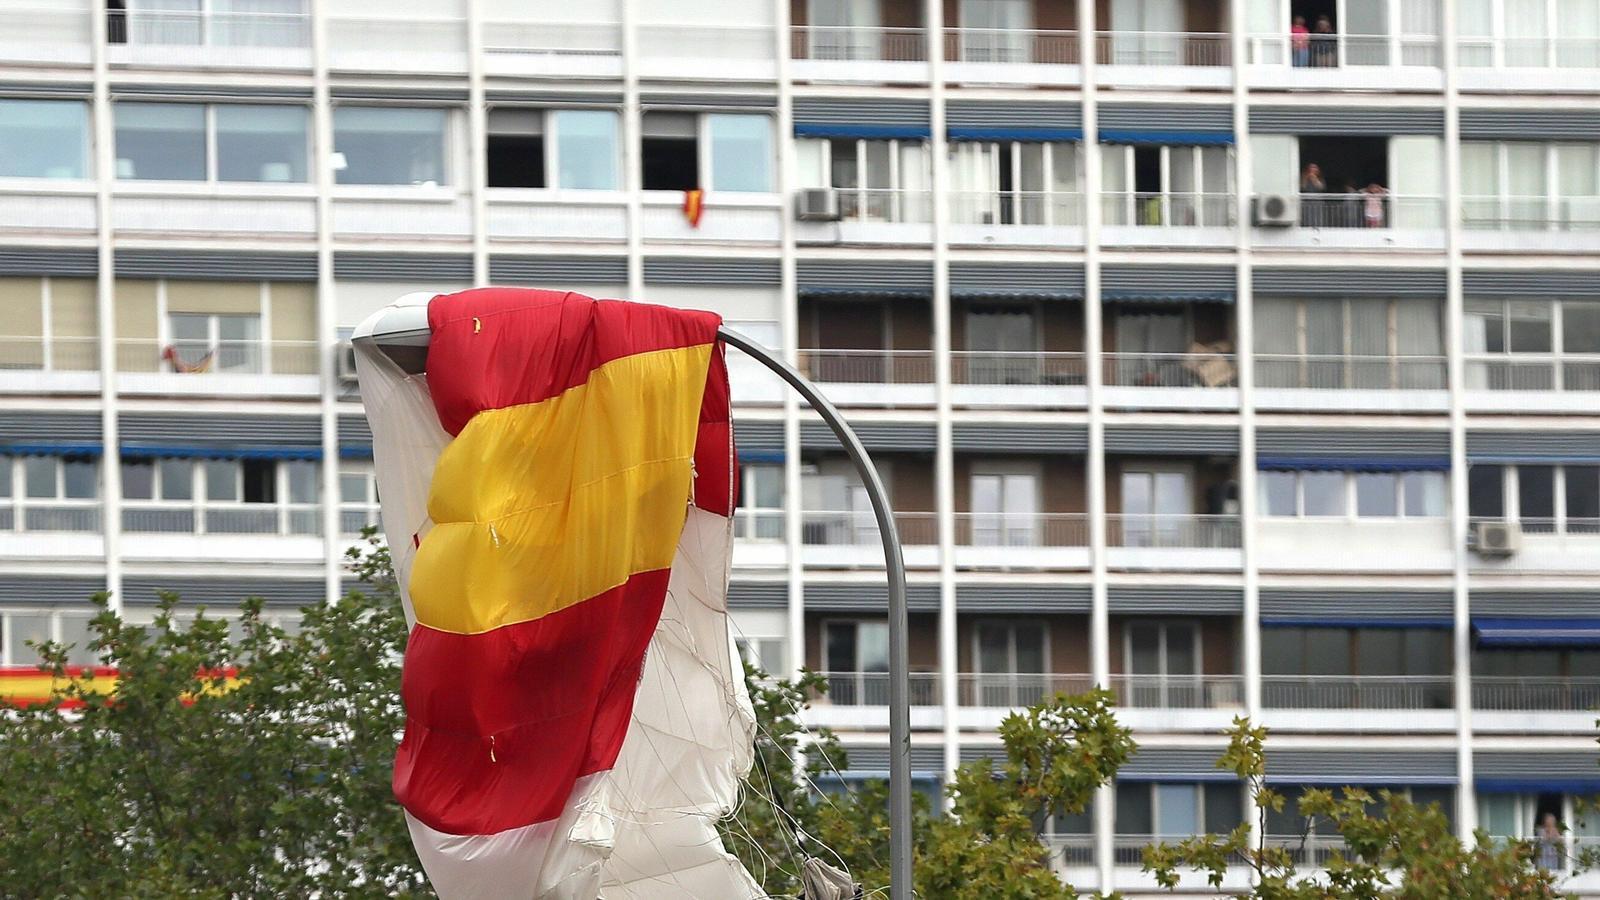 VÍDEO: un paracaigudista de l'Exèrcit topa amb un fanal i es queda penjat mentre hissava la bandera espanyola el 12-O